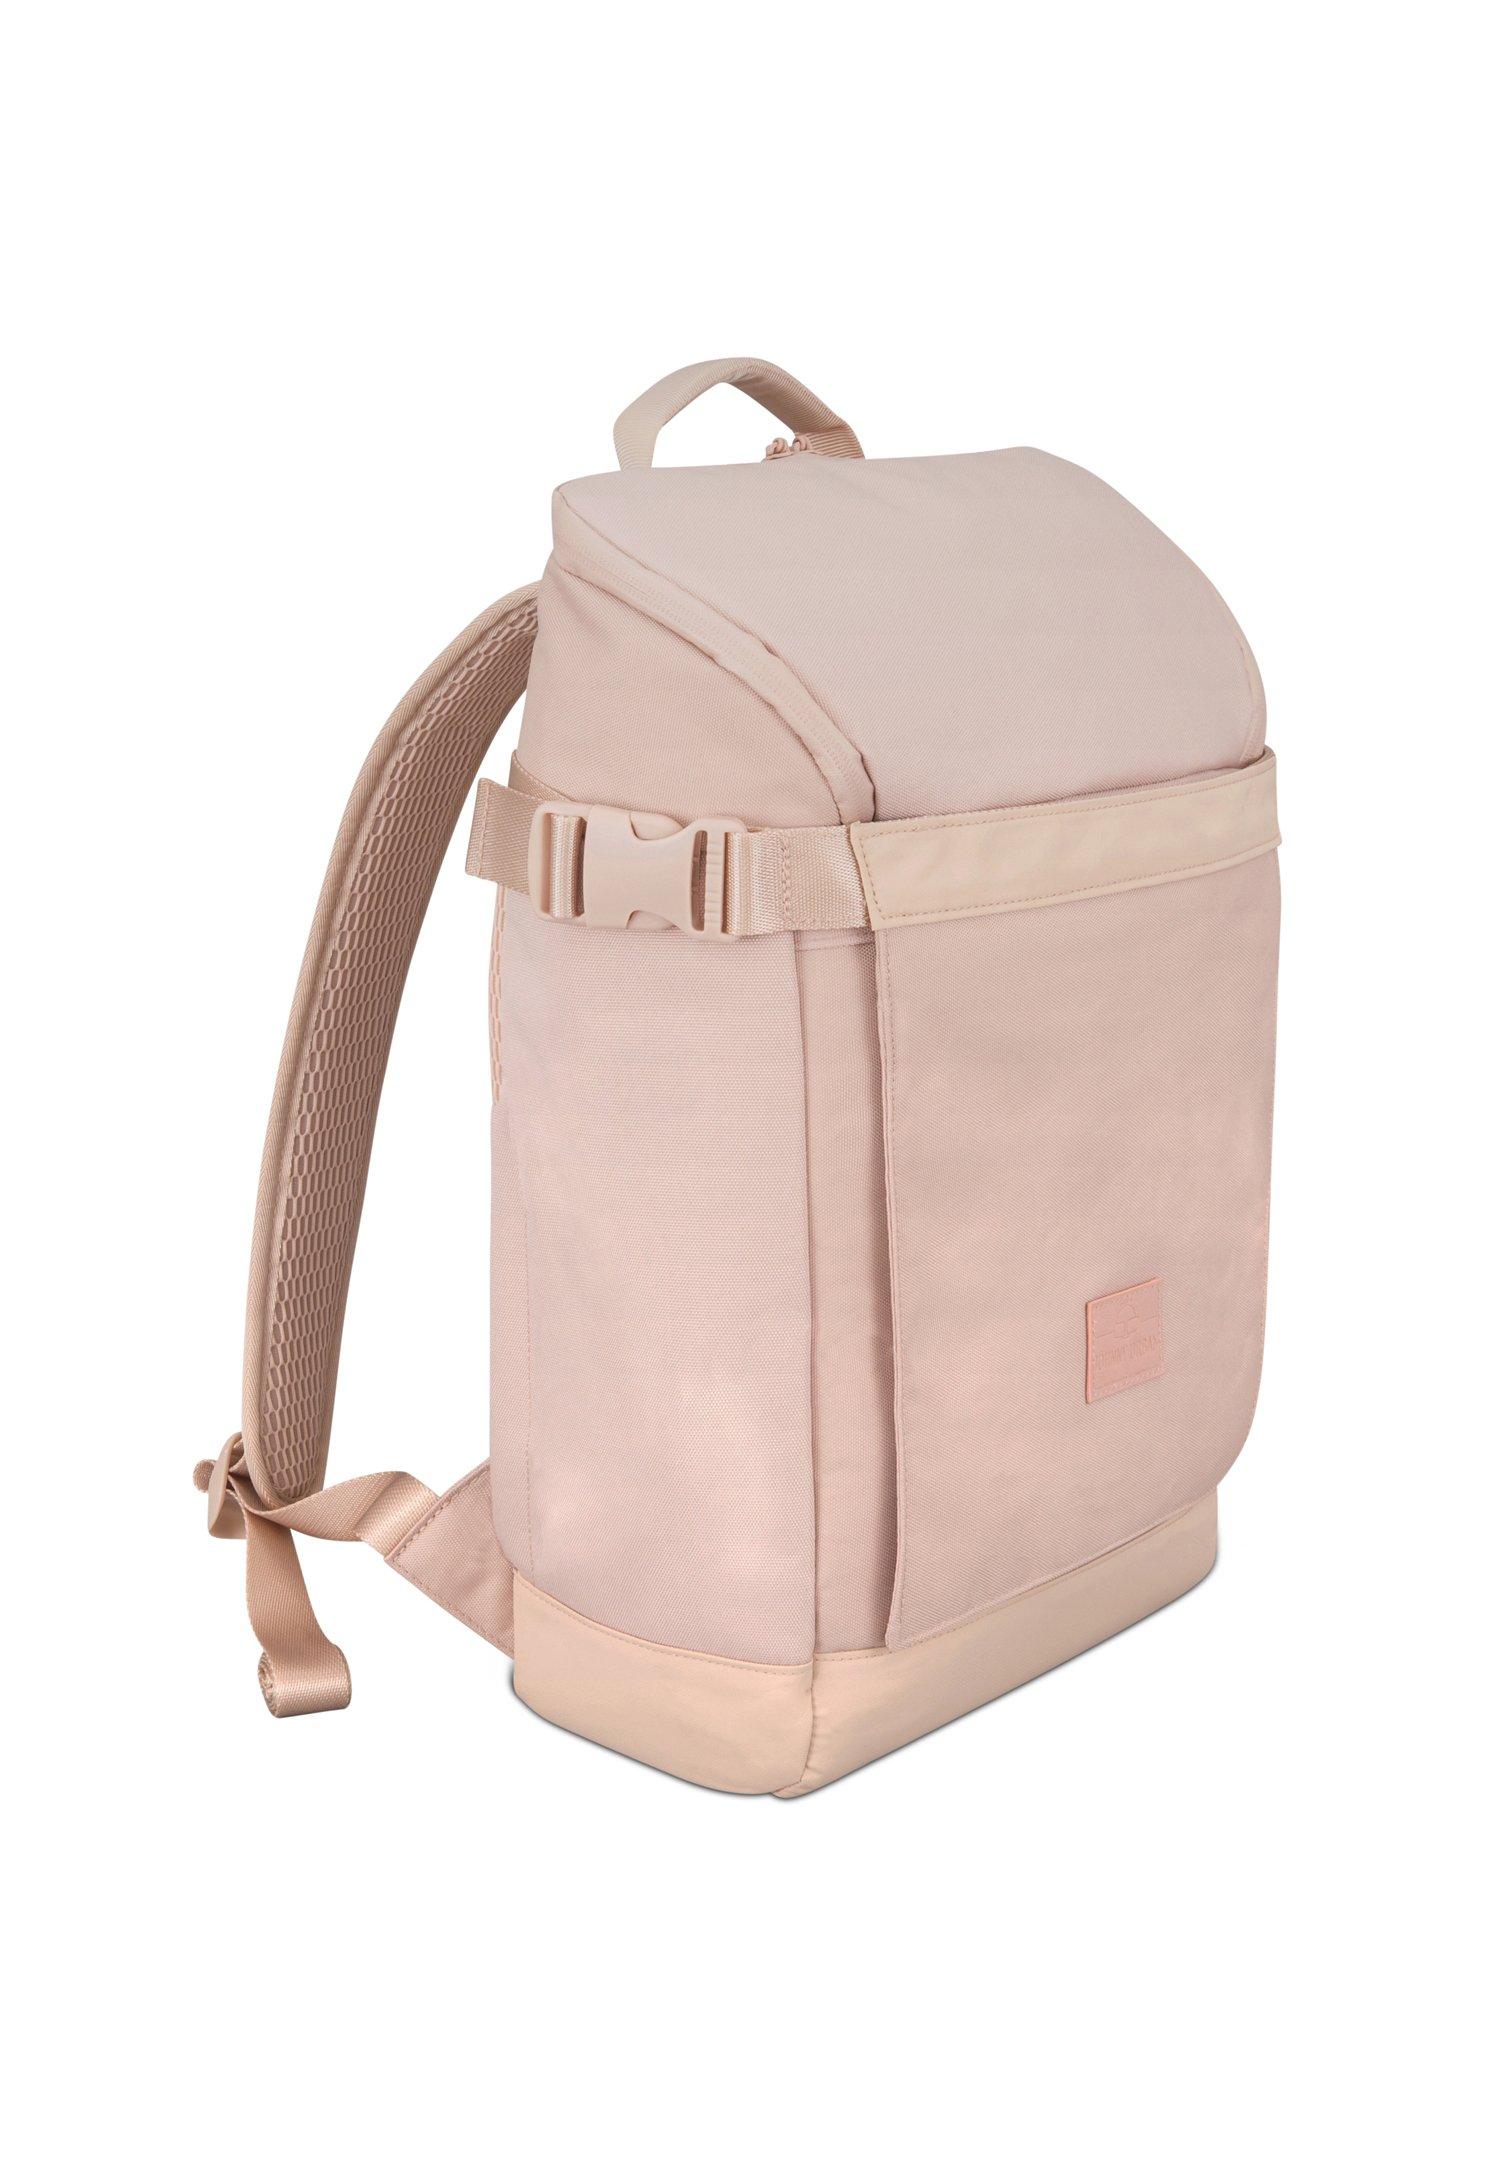 Johnny Urban LUCA - Tagesrucksack - pink/rosa - Herrentaschen fkvsK